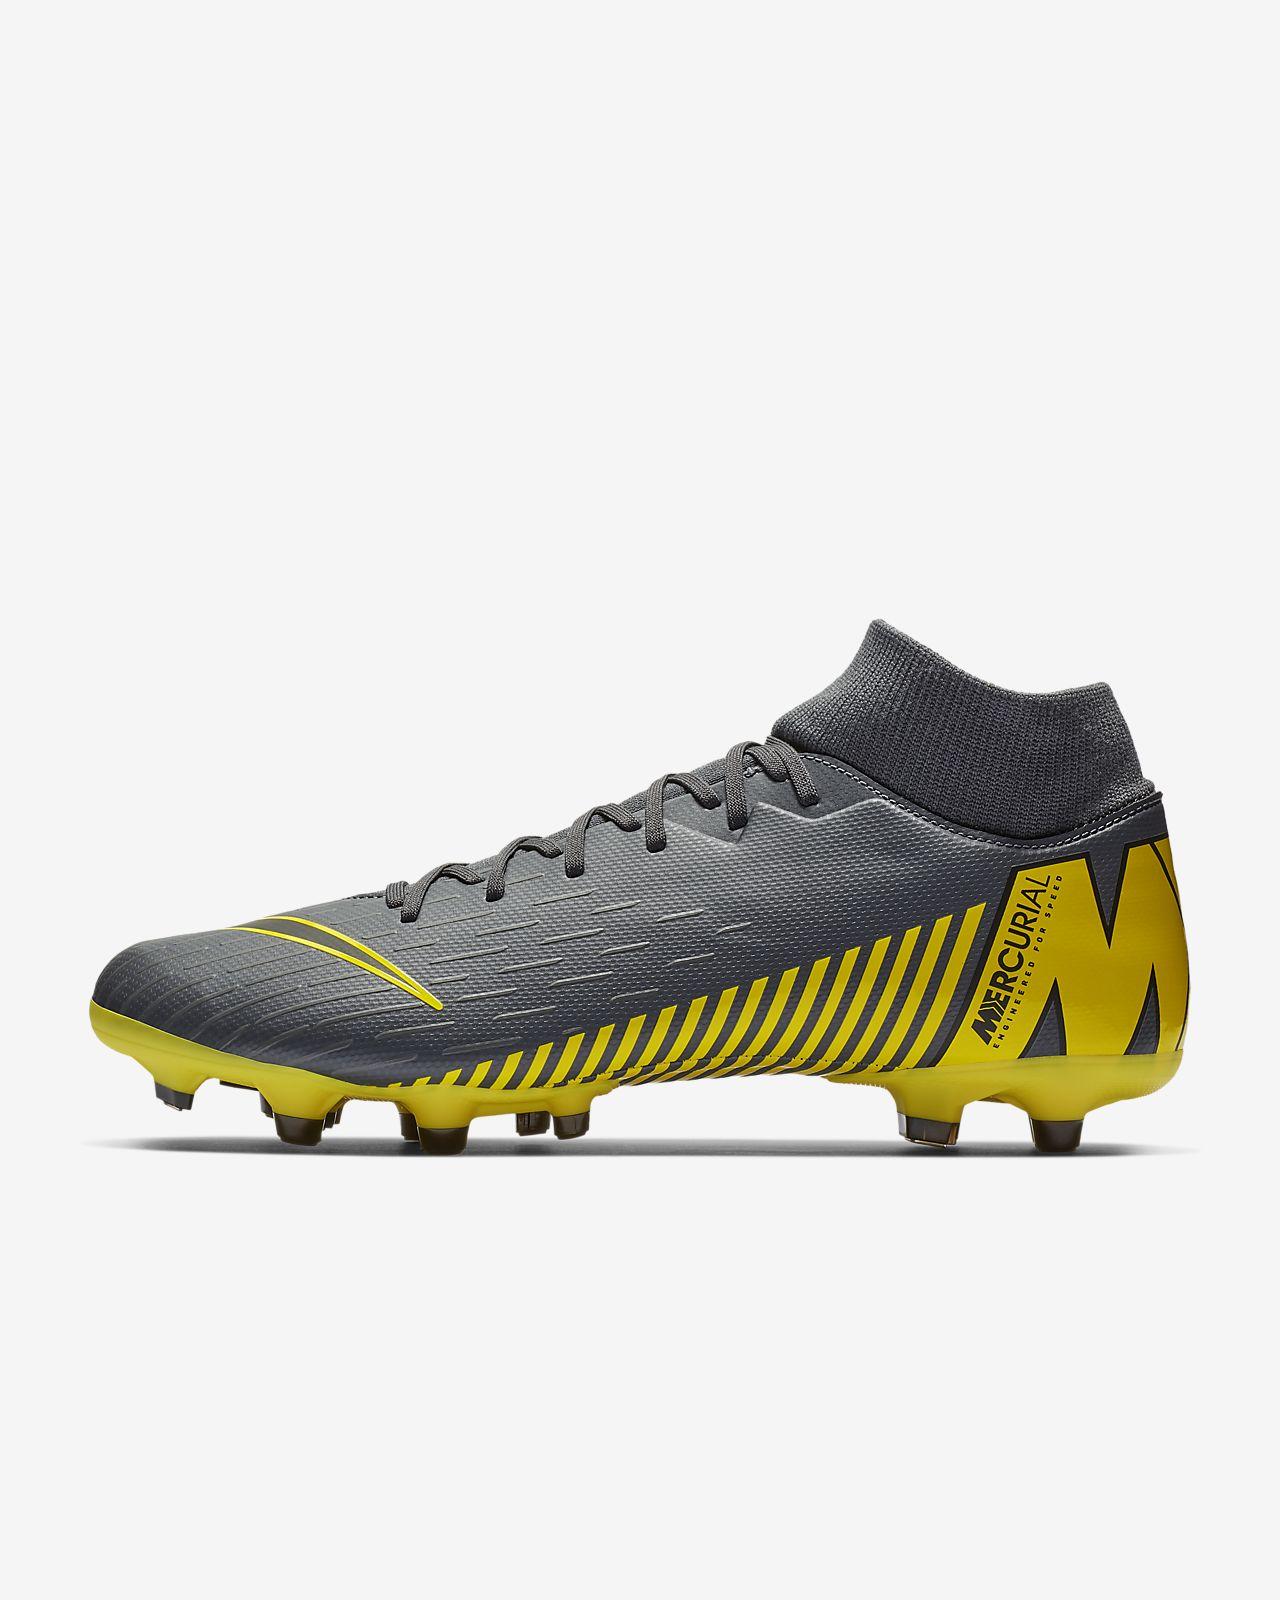 best sneakers 116f1 a6950 ... Fotbollssko för varierat underlag Nike Mercurial Superfly 6 Academy MG  för män